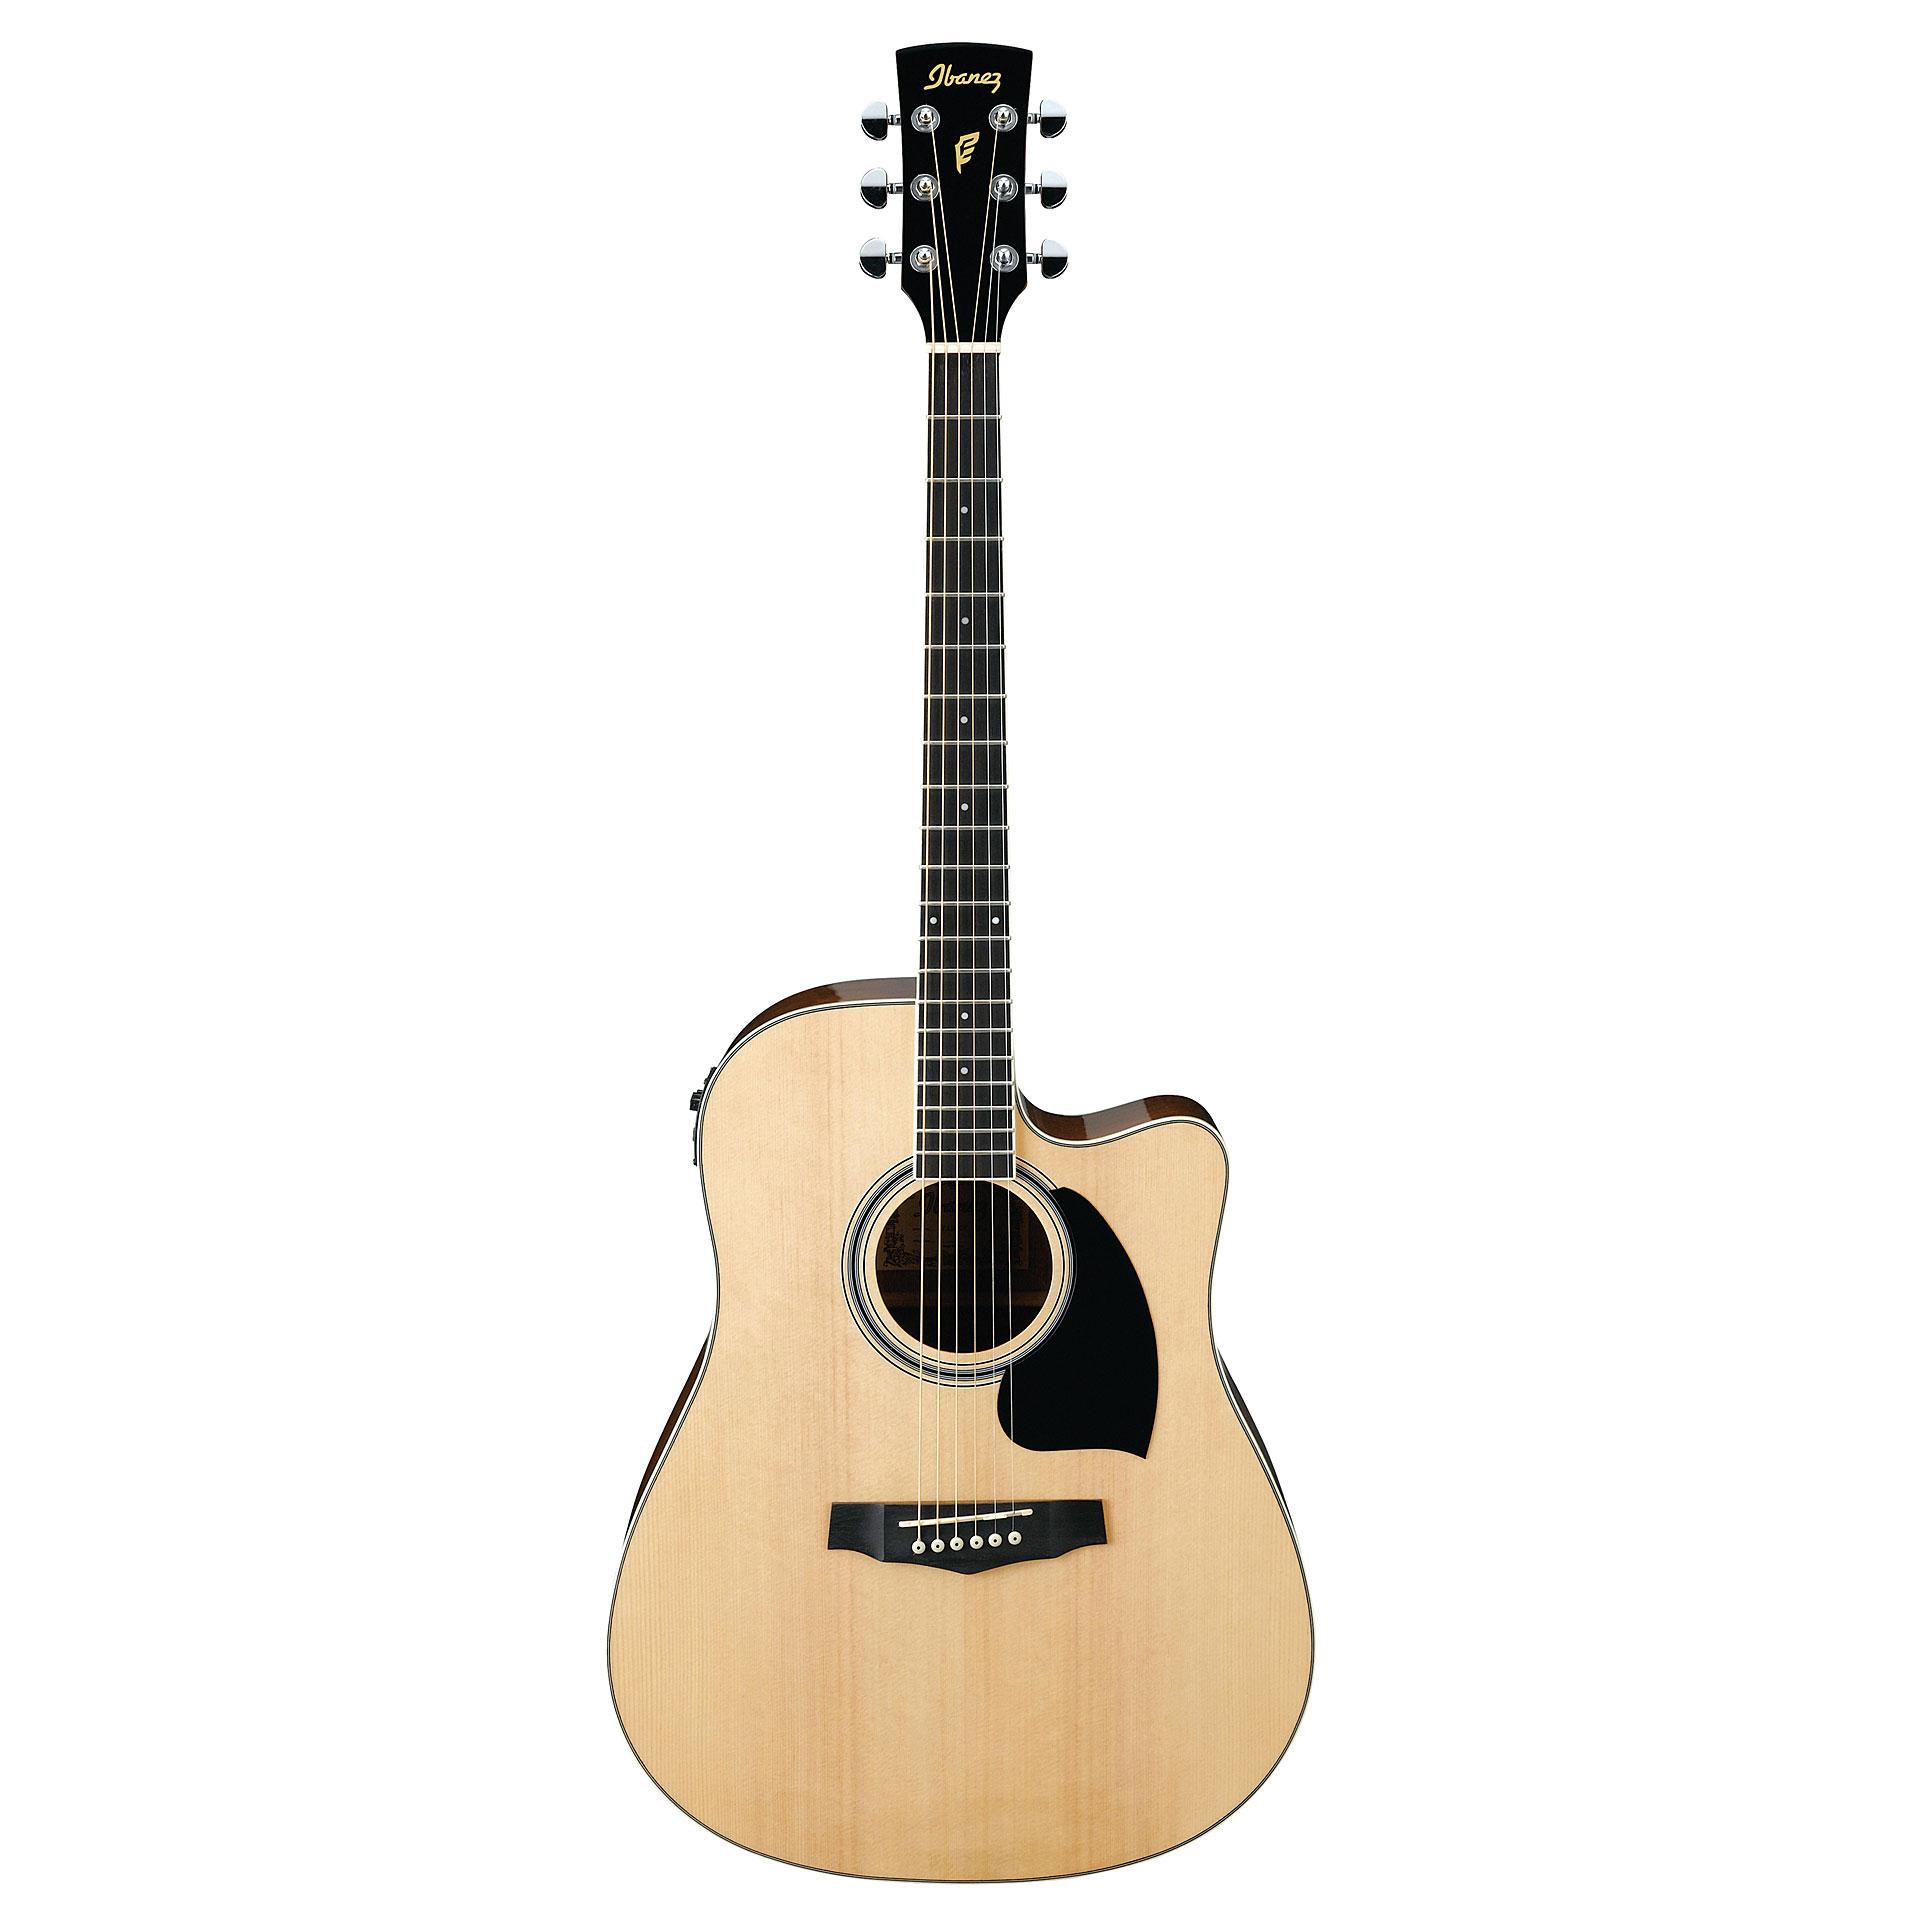 ibanez pf15ece nt acoustic guitar musik produktiv. Black Bedroom Furniture Sets. Home Design Ideas